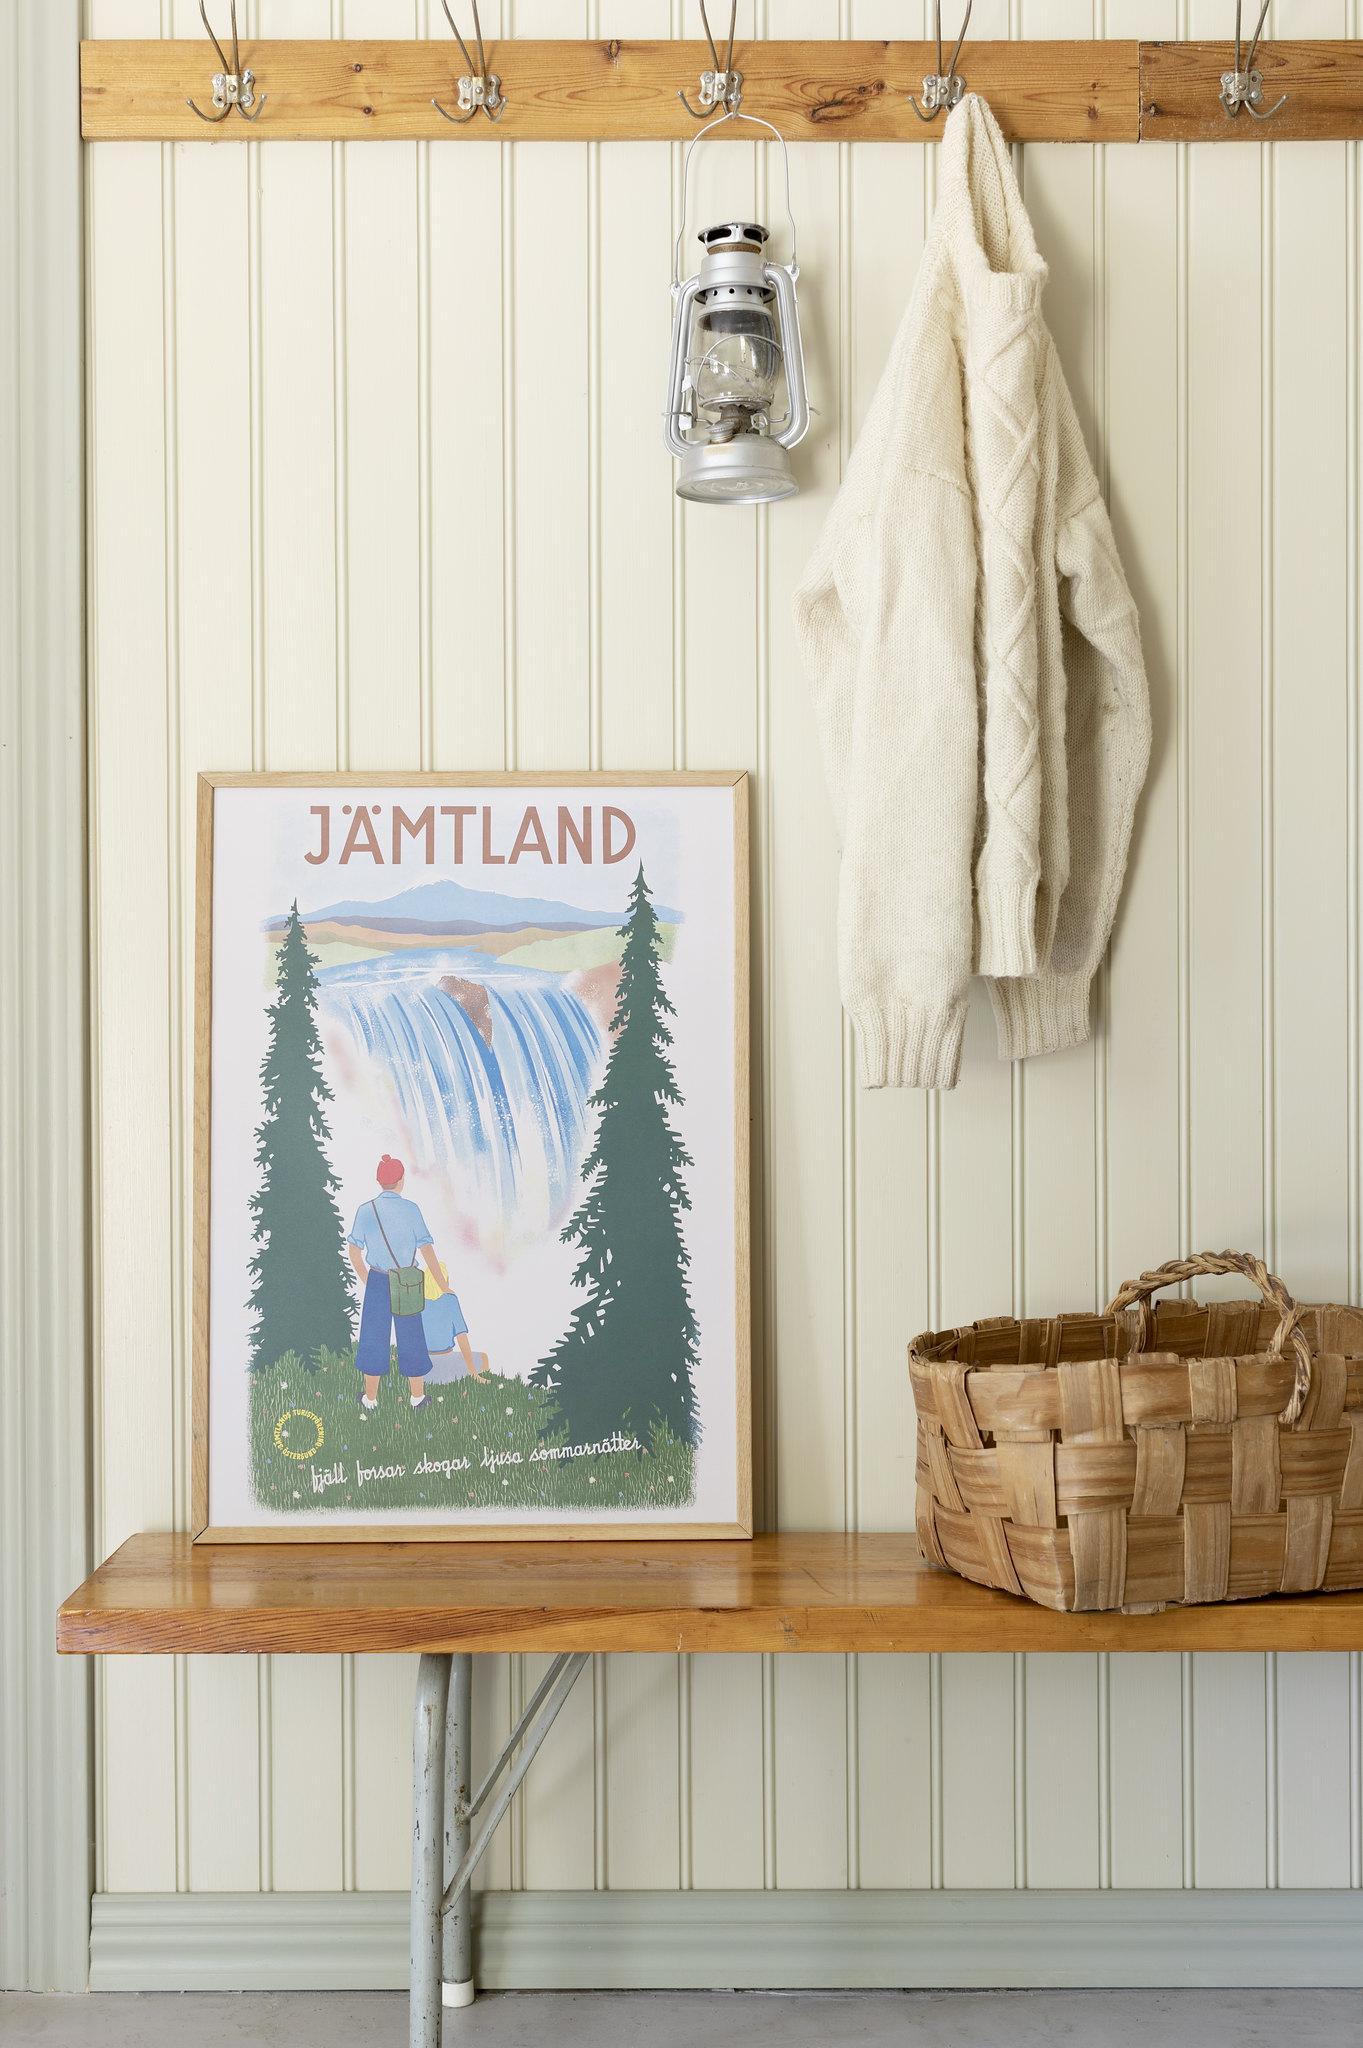 Affisch som föreställer Hällingsåfallet i Jämtland